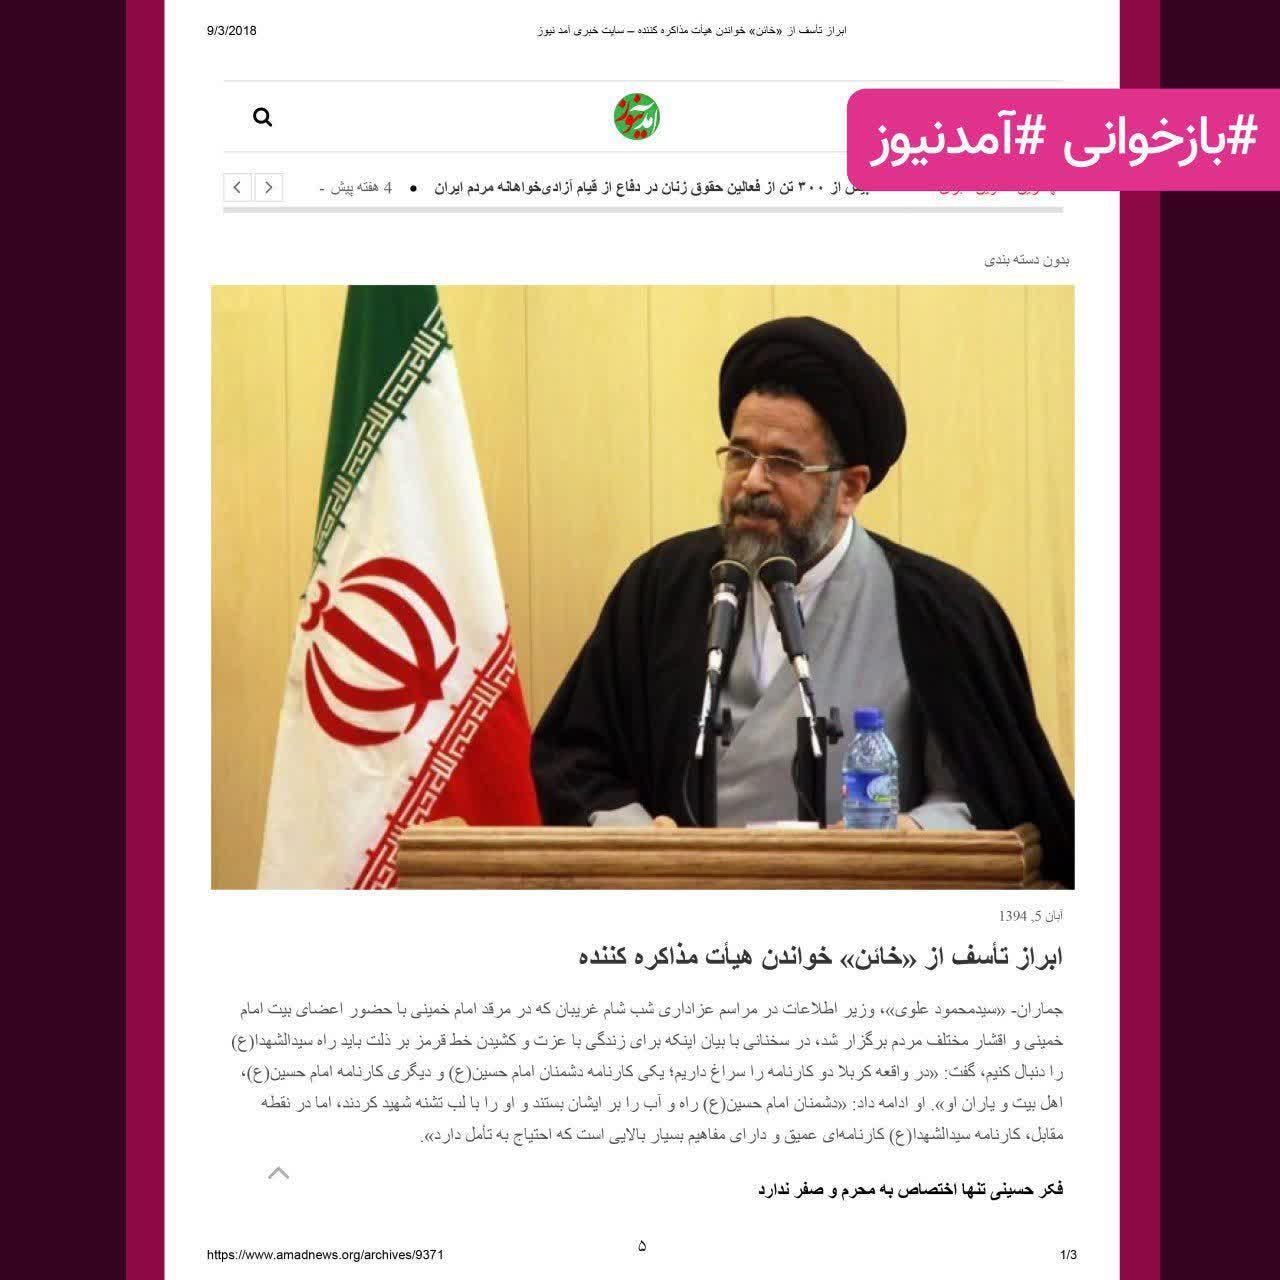 amadnews%20%2815%29 شکایت وزیر اطلاعات از حسن عباسی به بهانه بیان ارتباط و رابطه آمدنیوز و همچنين وزیر اطلاعات + اسناد